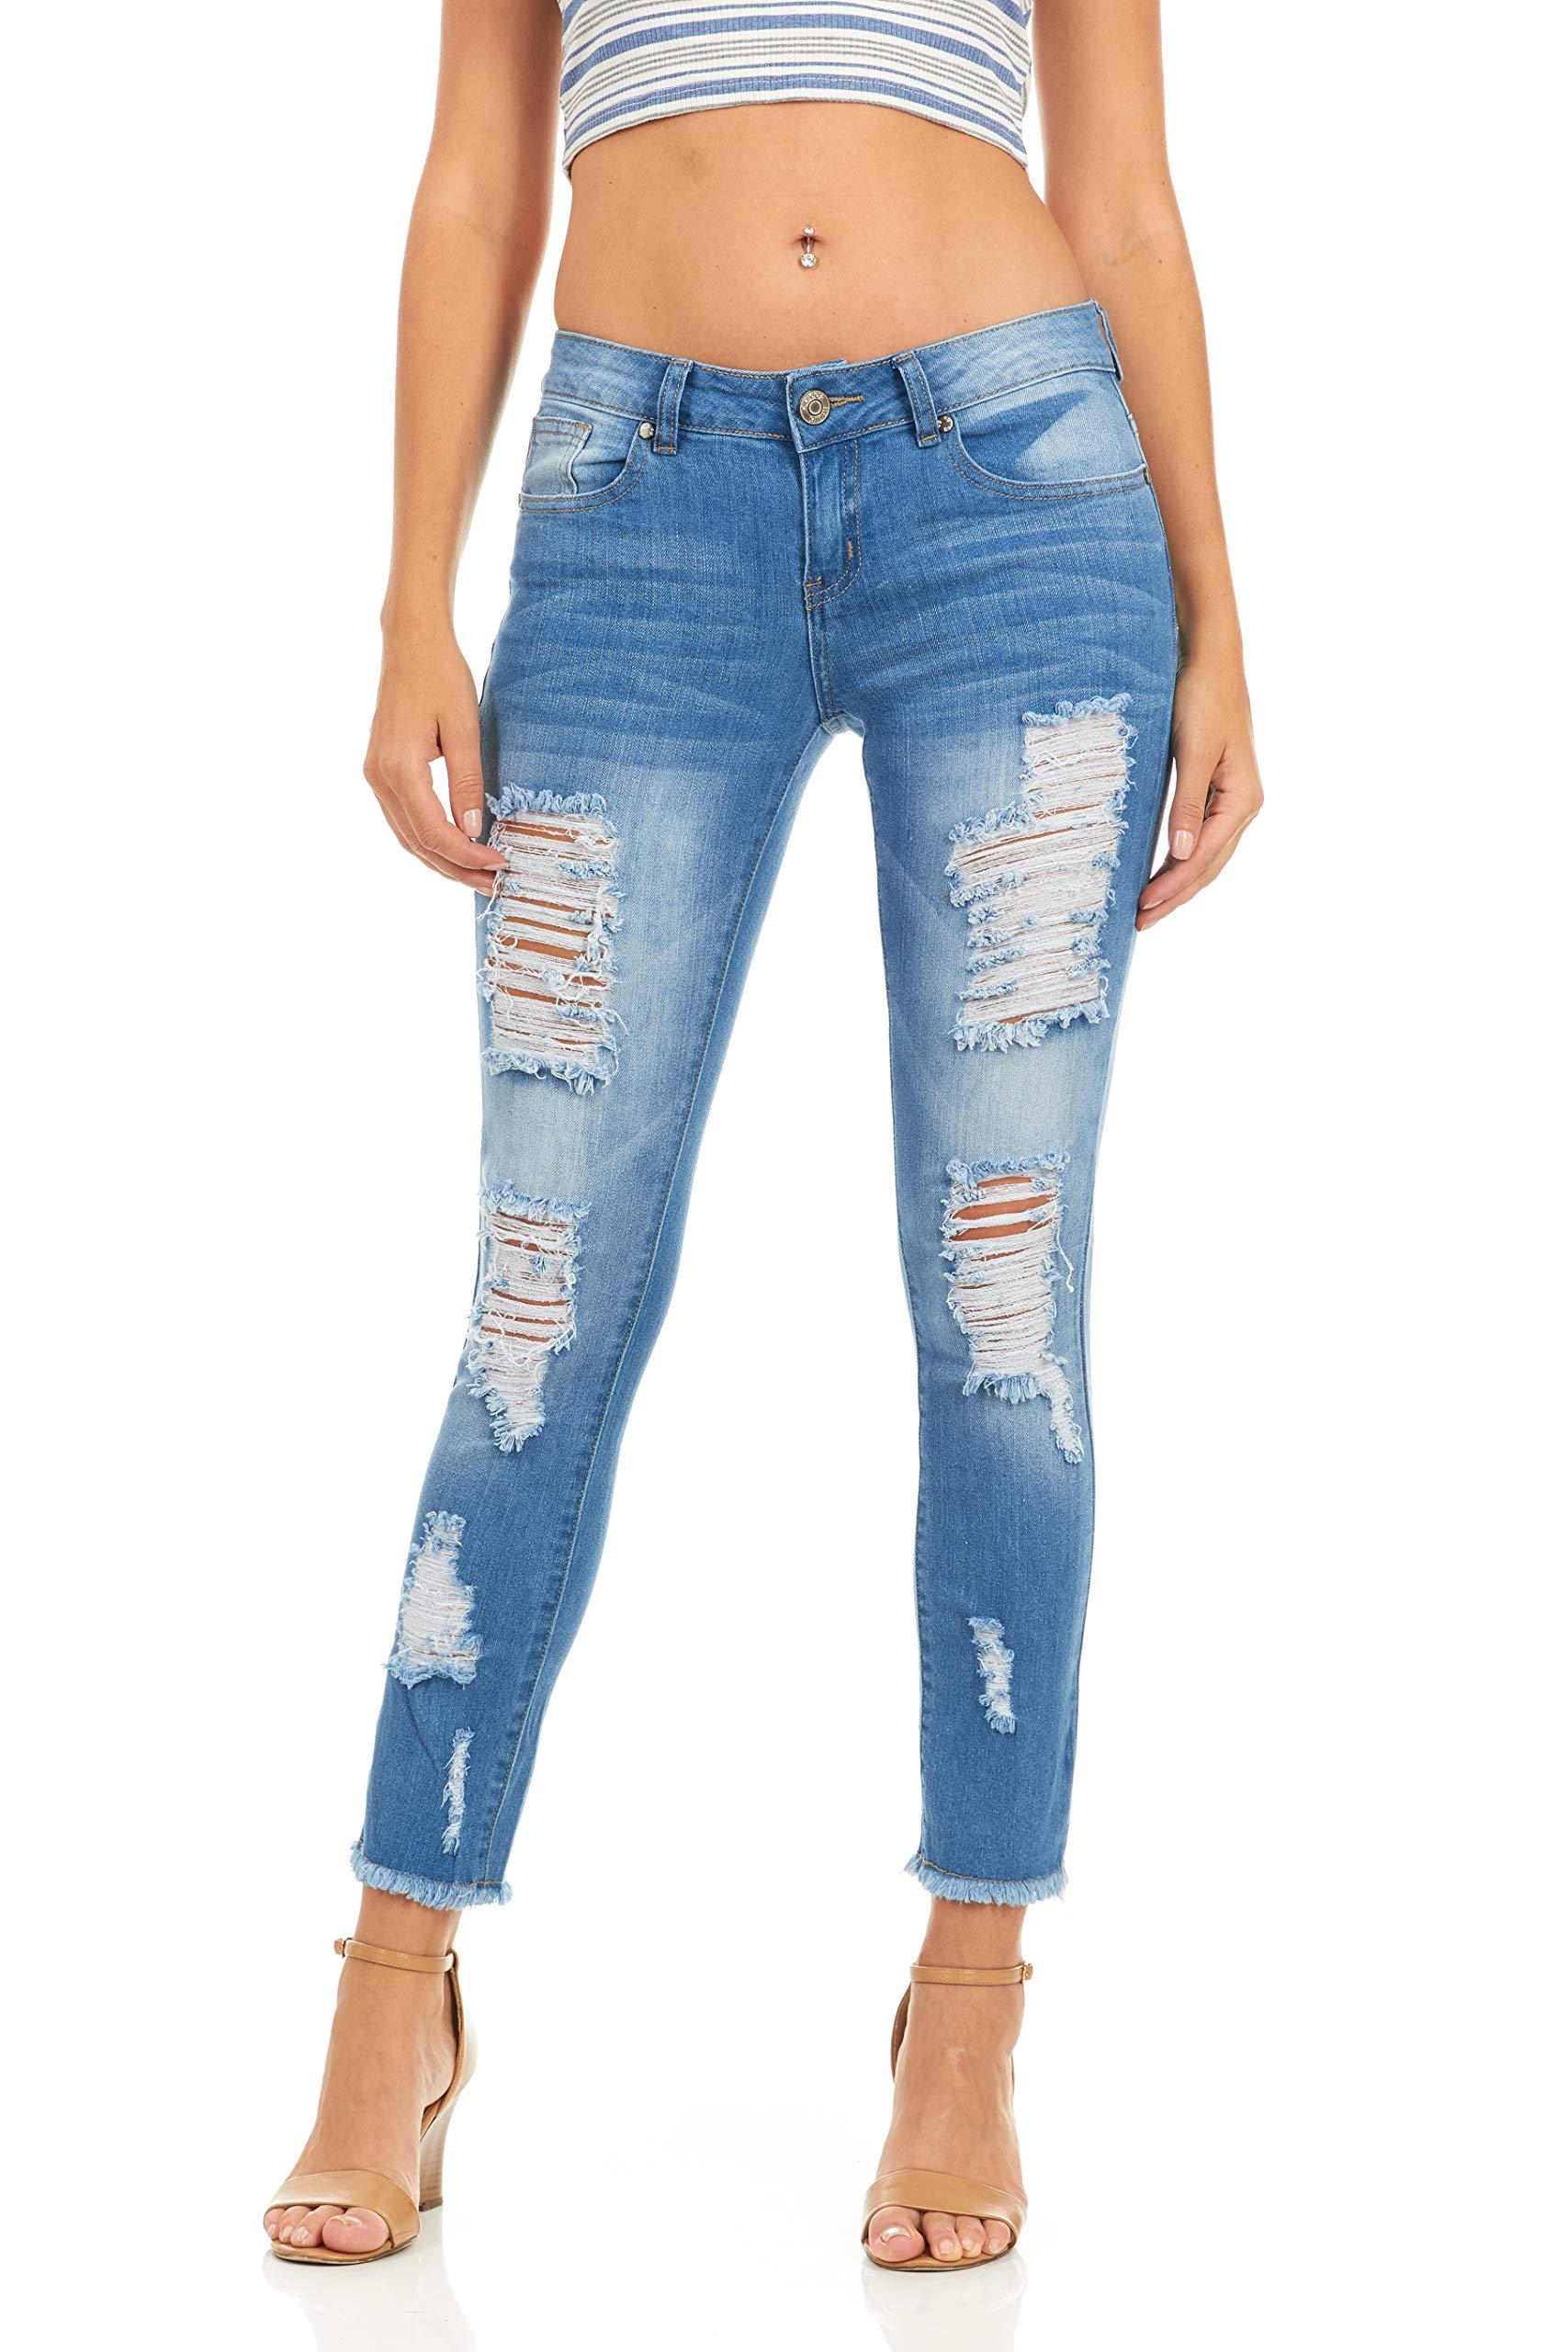 Cover Girl Denim Distressed Skinny Jeans for Women Juniors Size 3 Blue Fray Hem